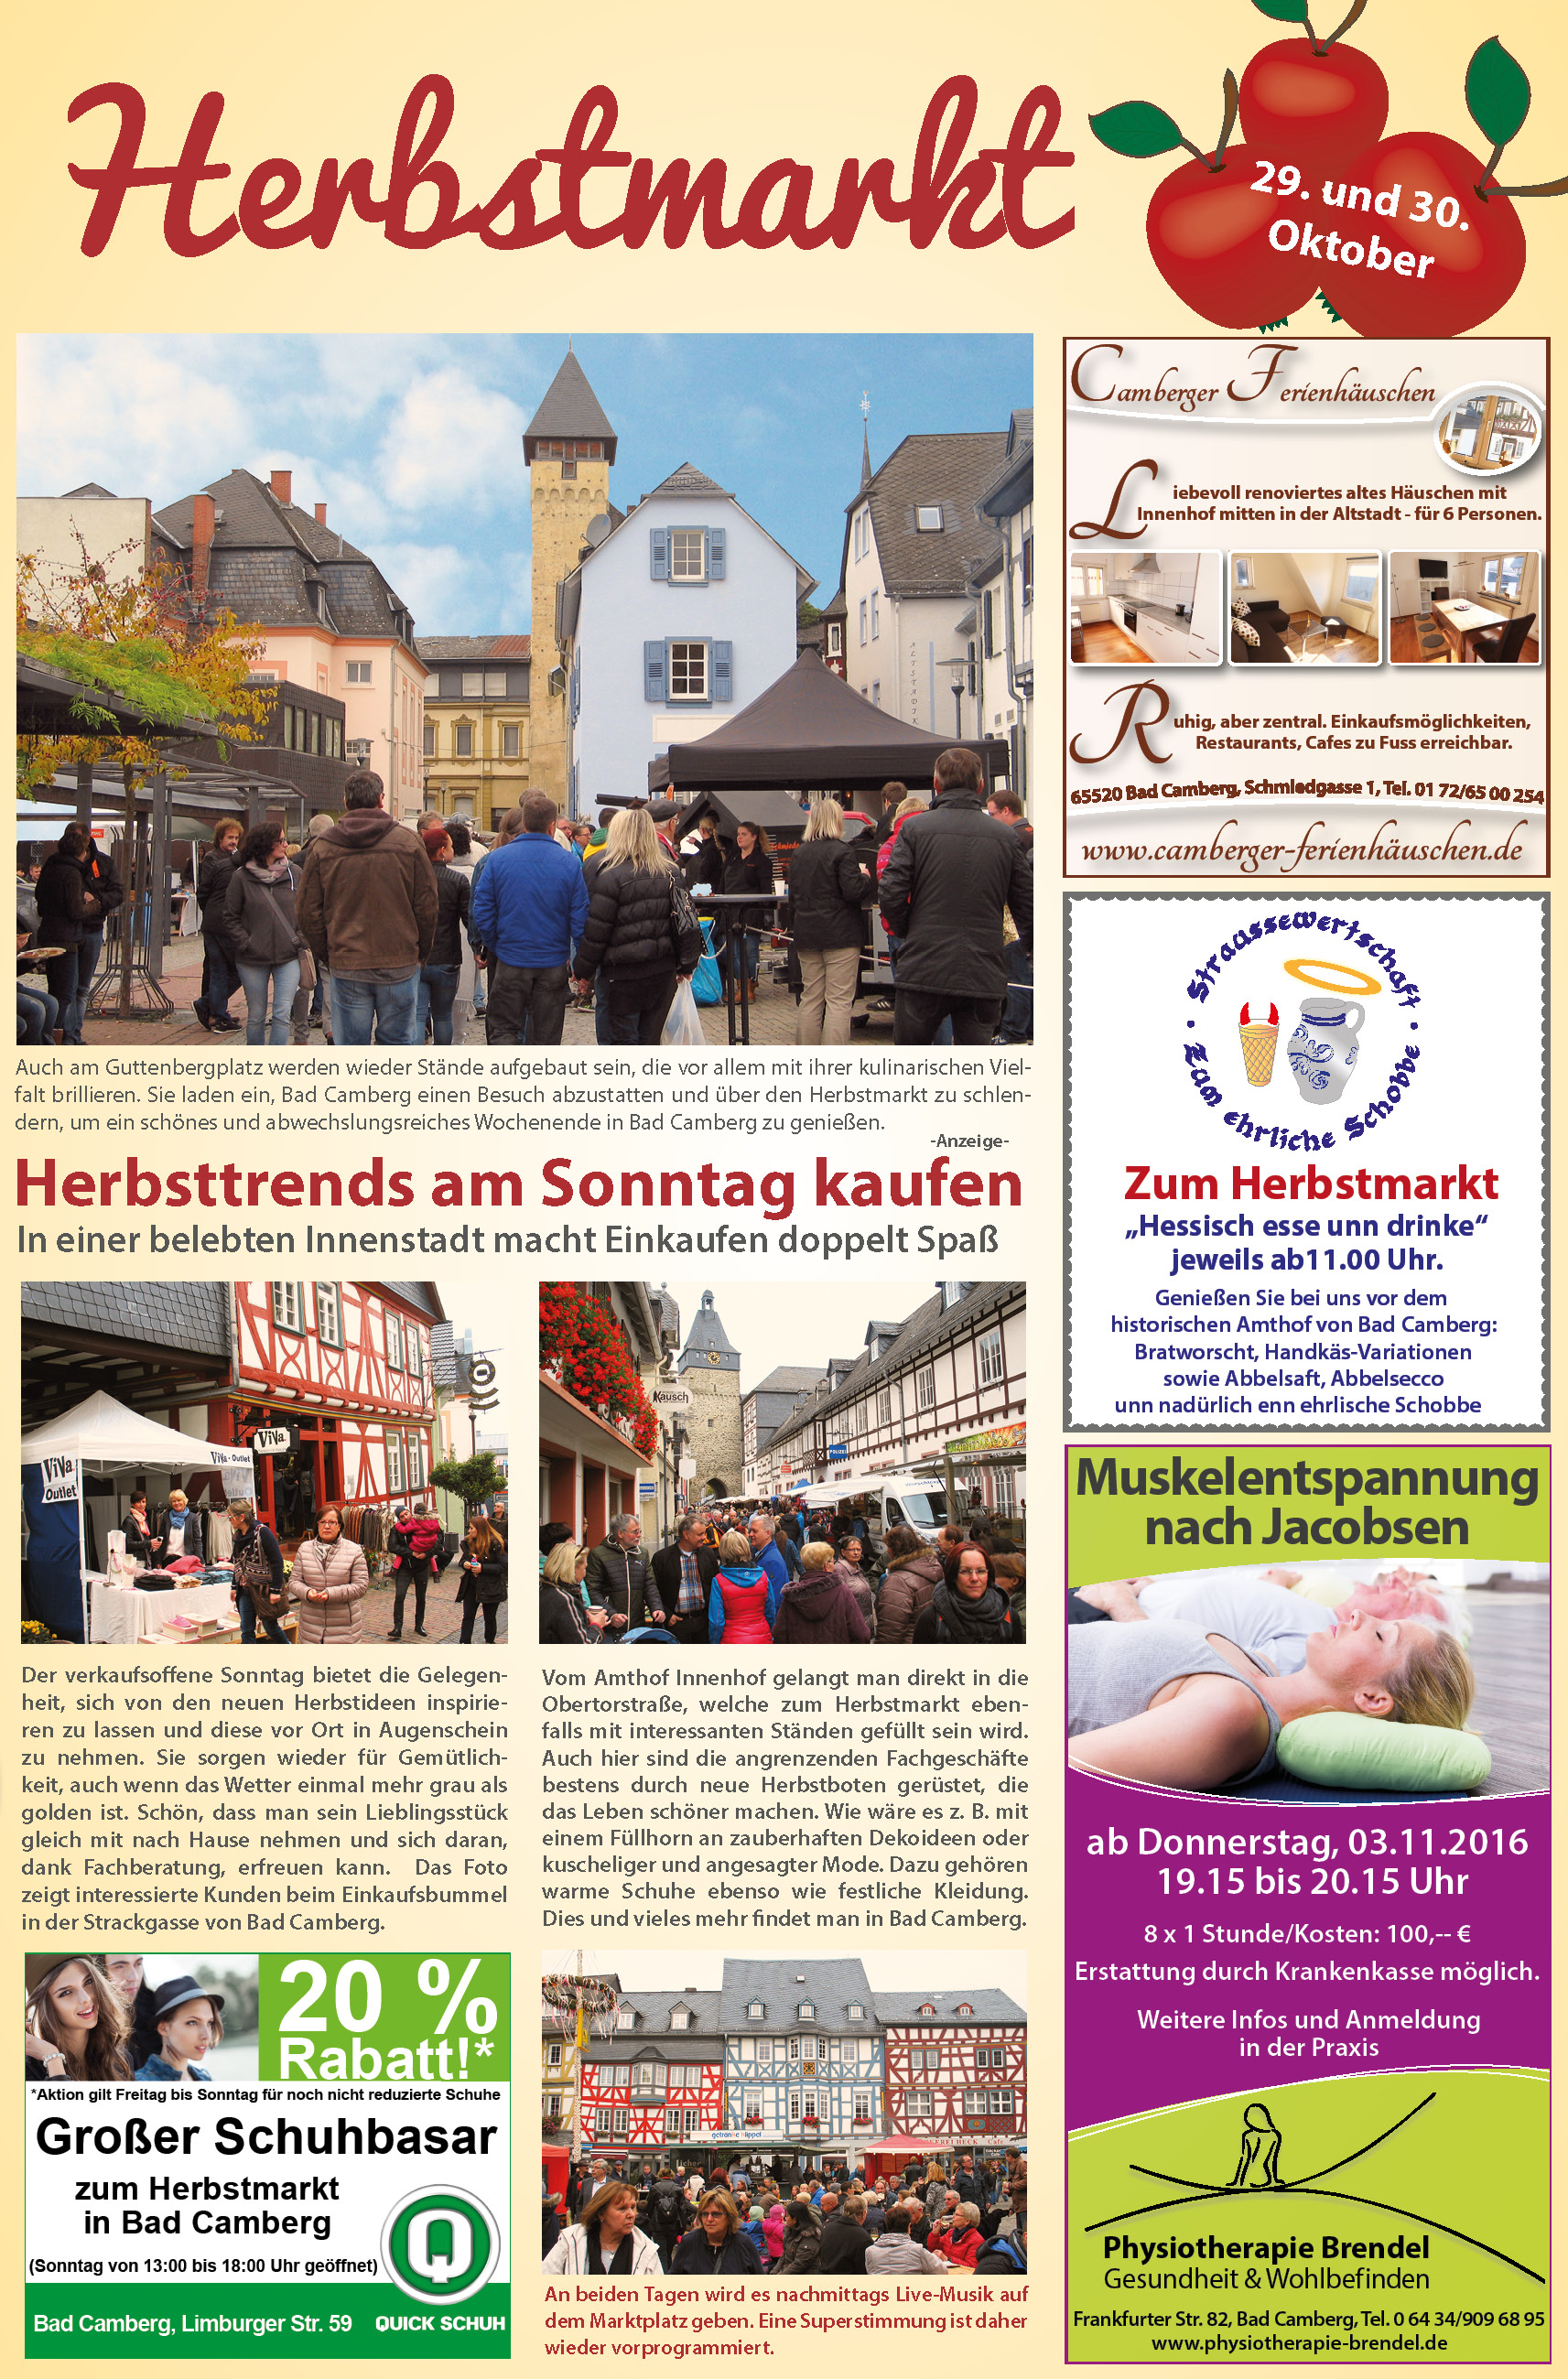 Herbstmarkt20163